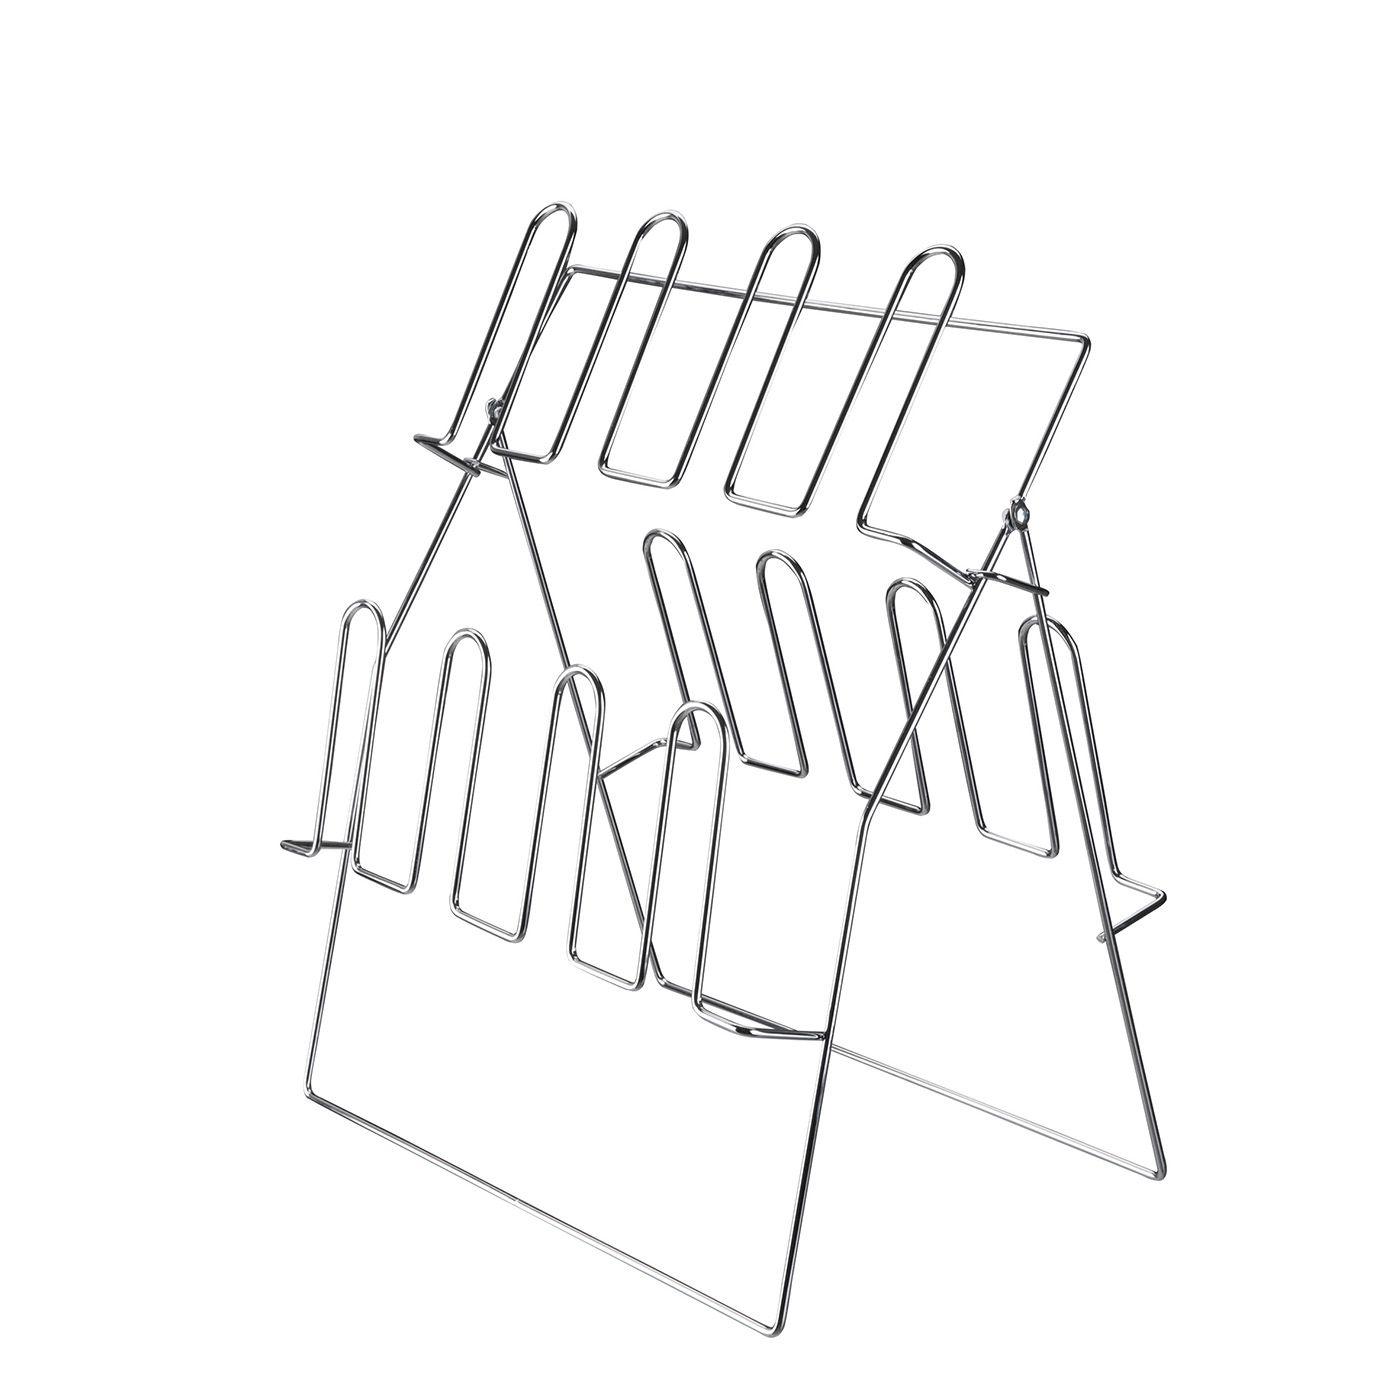 Sapateira articulada Ohm em aço carbono